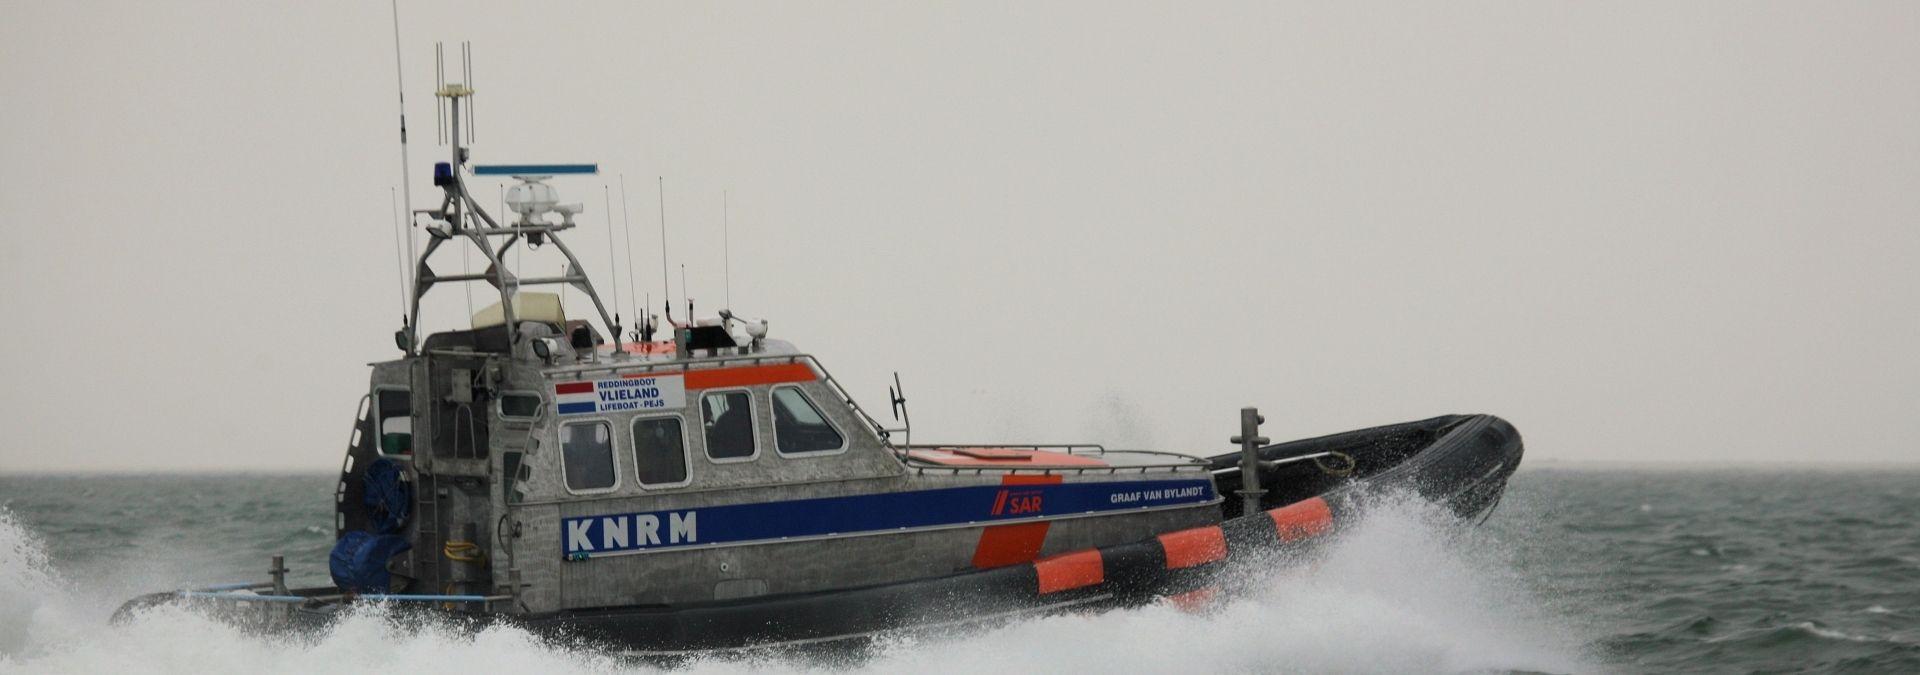 Reddingboot Graaf van Bylandt